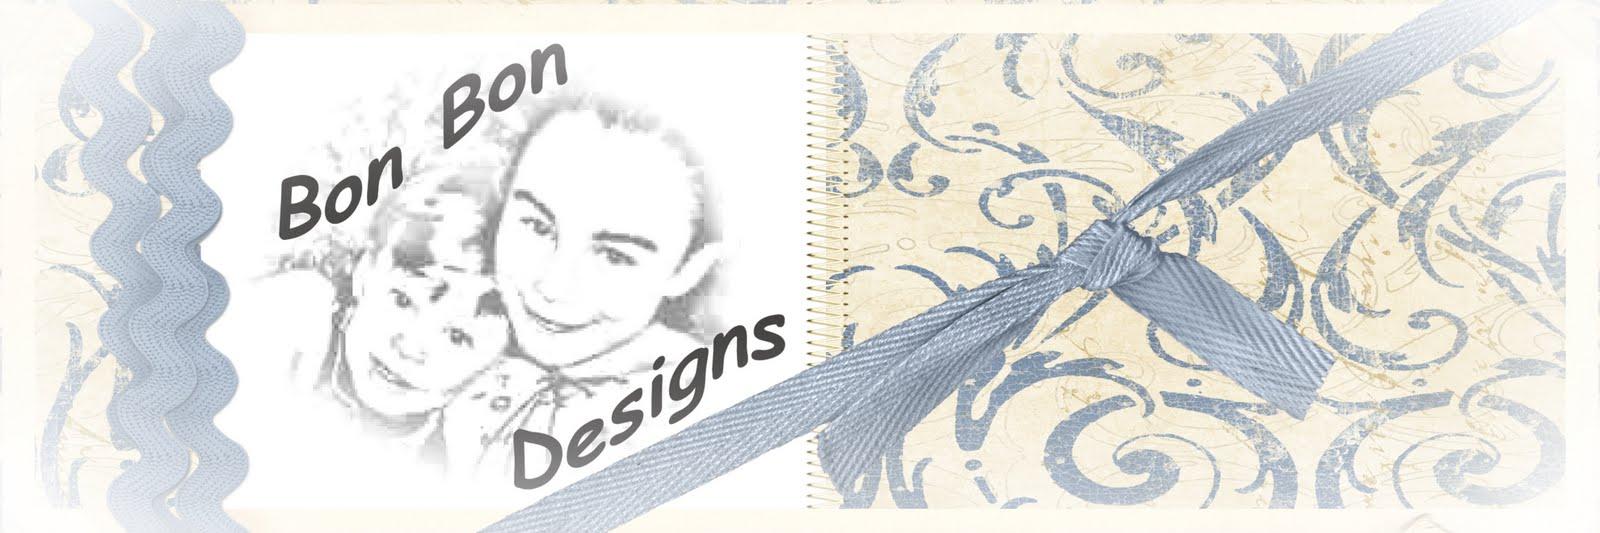 Bon Bon Designs